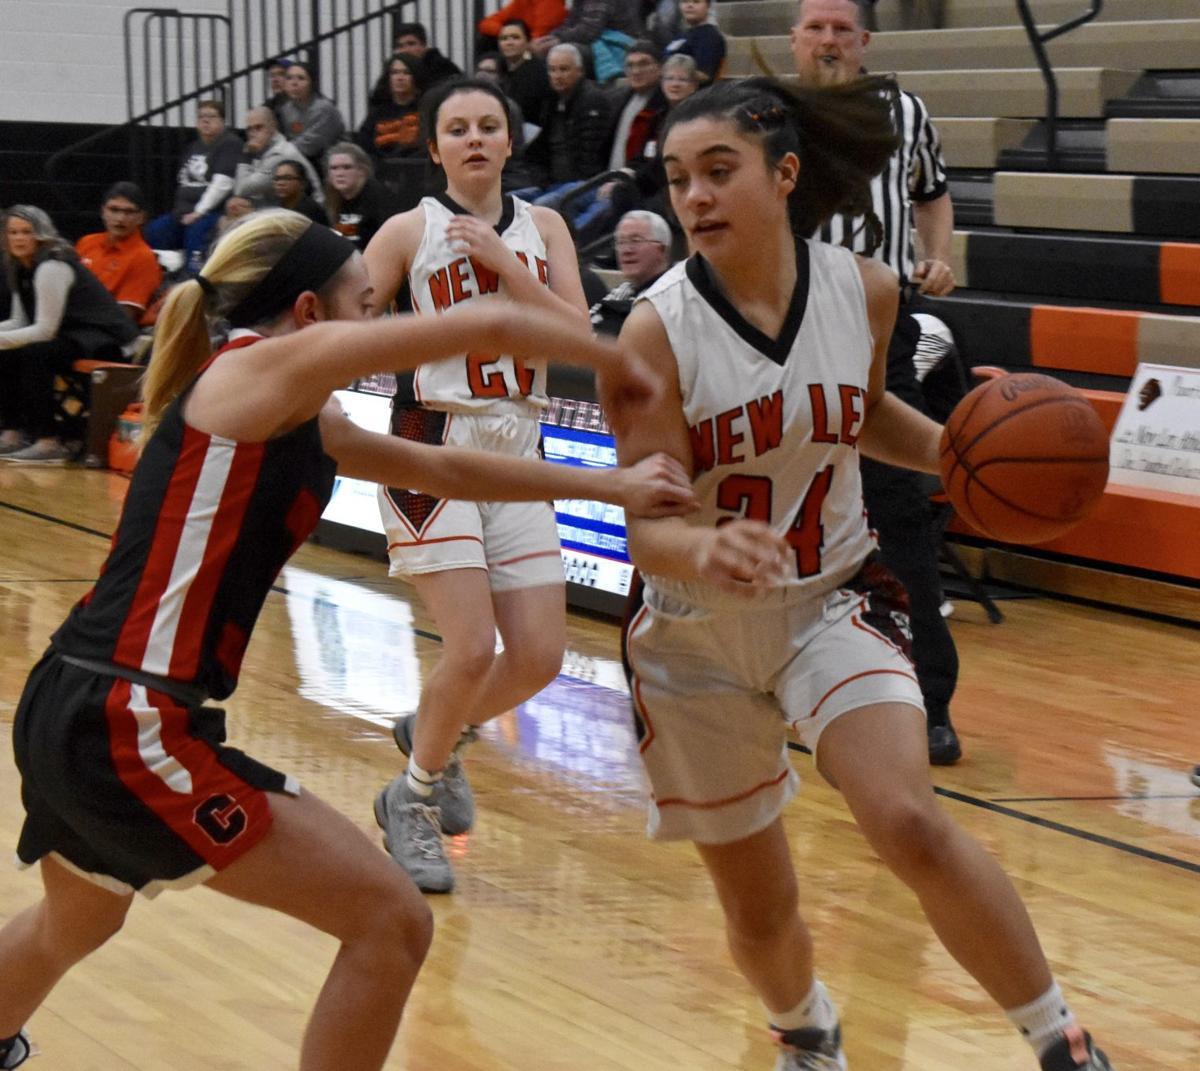 New Lex vs Crooksville Girls Basketball